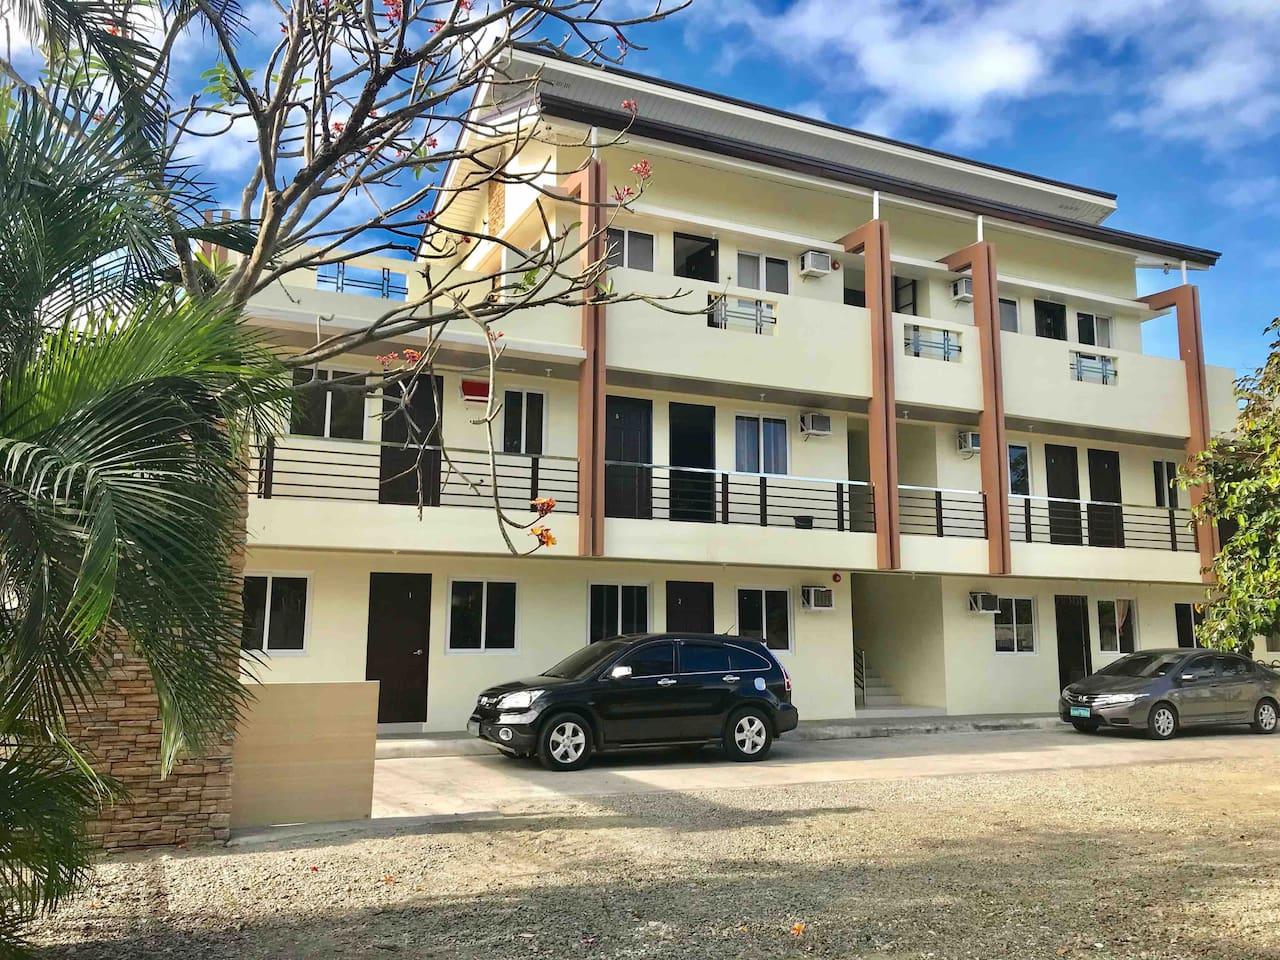 Studio unit - MIKI Apt & Transient, Laoag City, PI